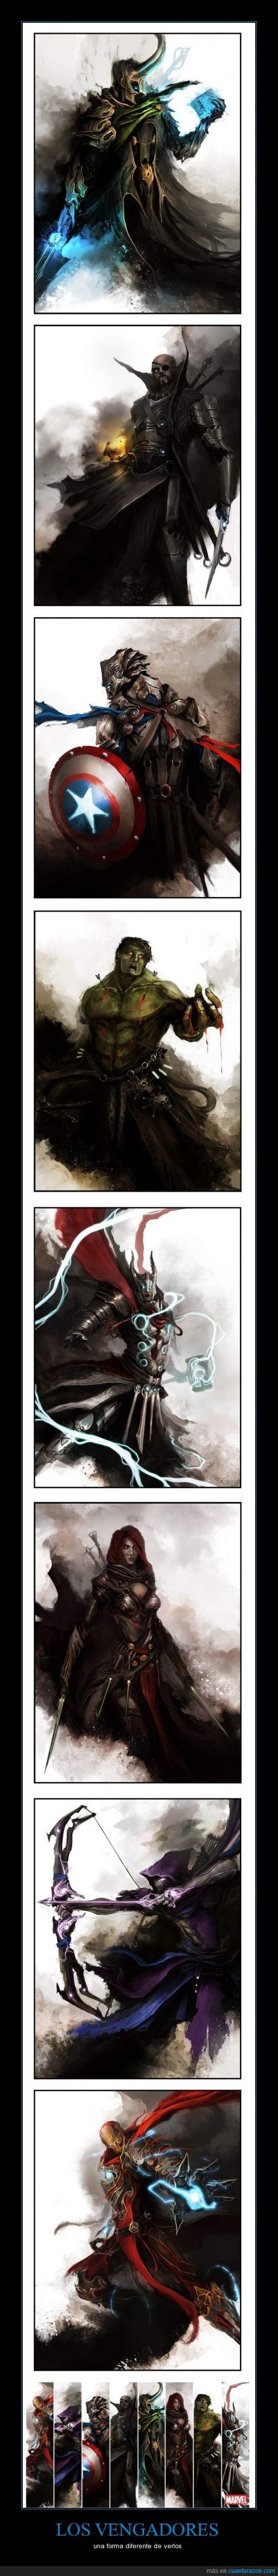 acuarela,capitan america,hulk,iron man,loki,los vengadores,medieval,nick fury,thor,viuda negra